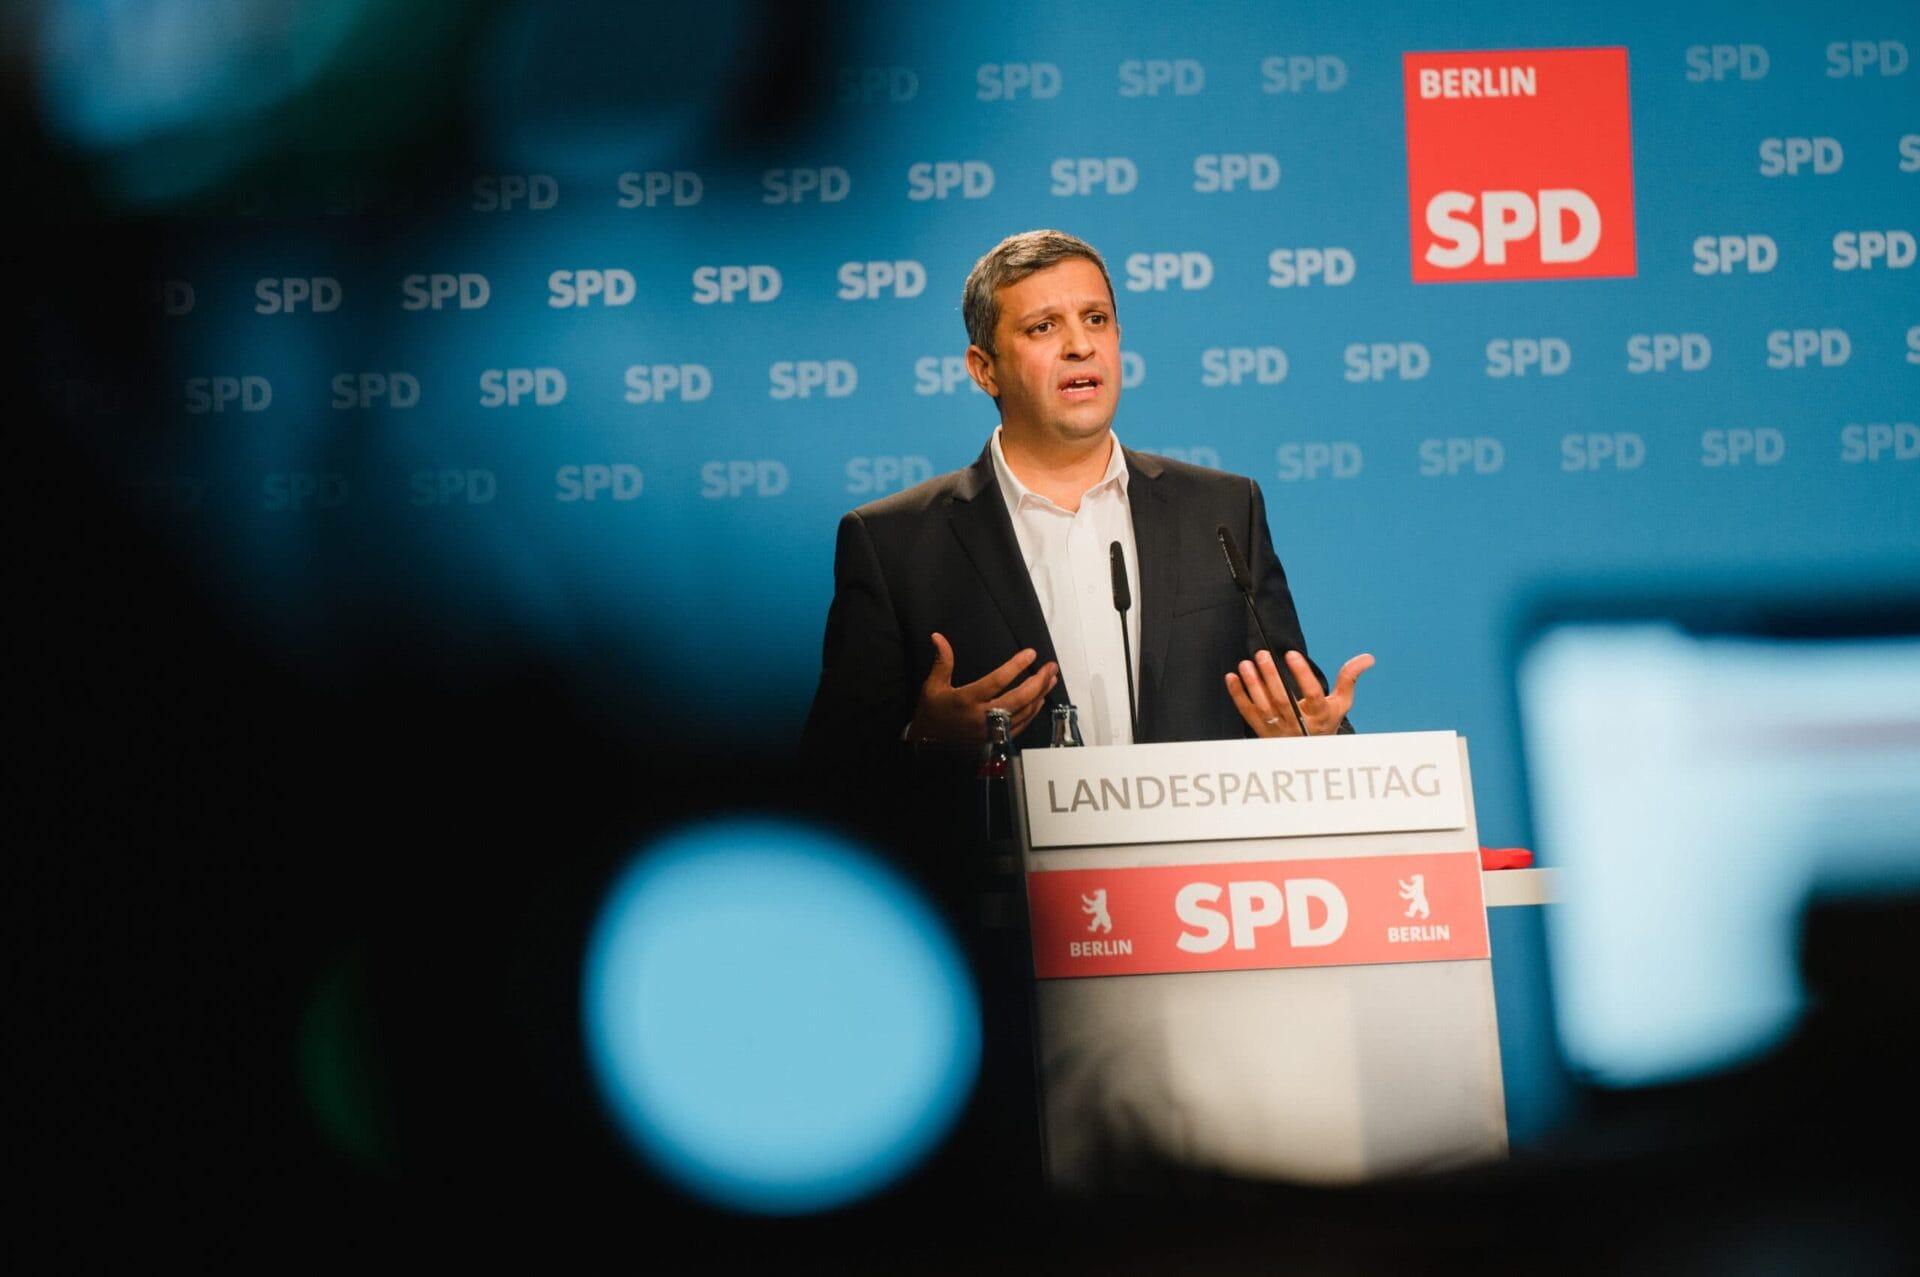 Raed Saleh kandidiert beim hybriden Landesparteitag der SPD Berlin